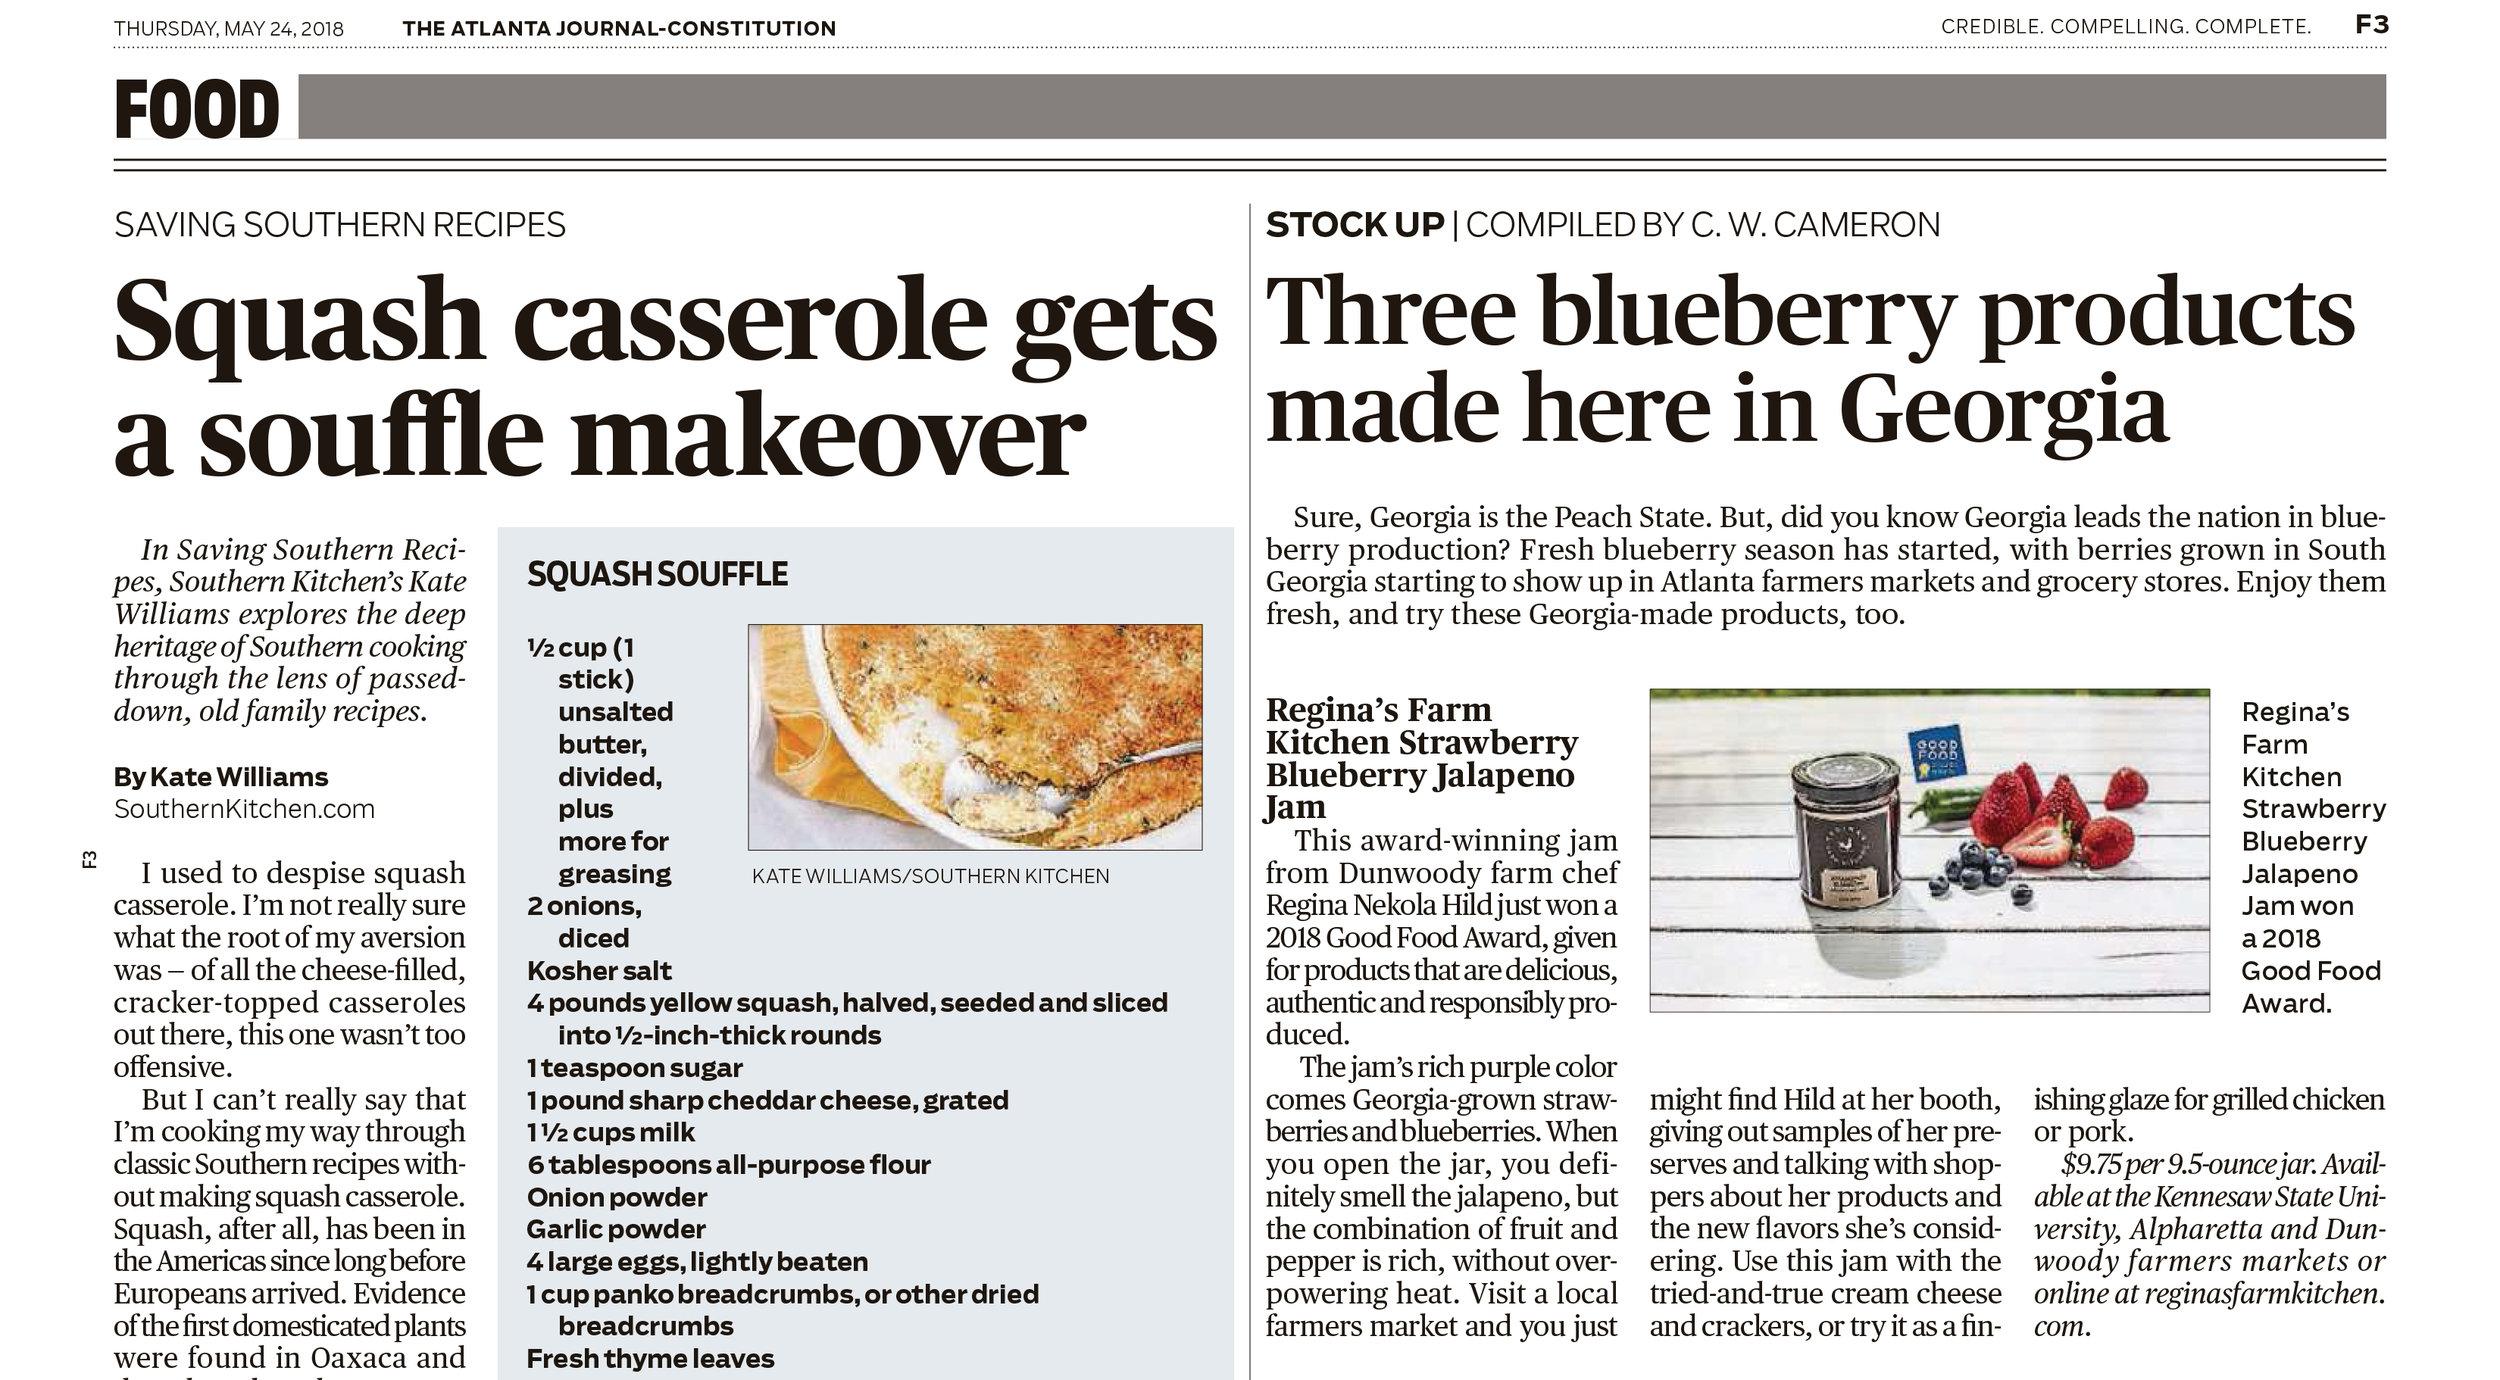 stock-up-blueberries-inprint.jpg